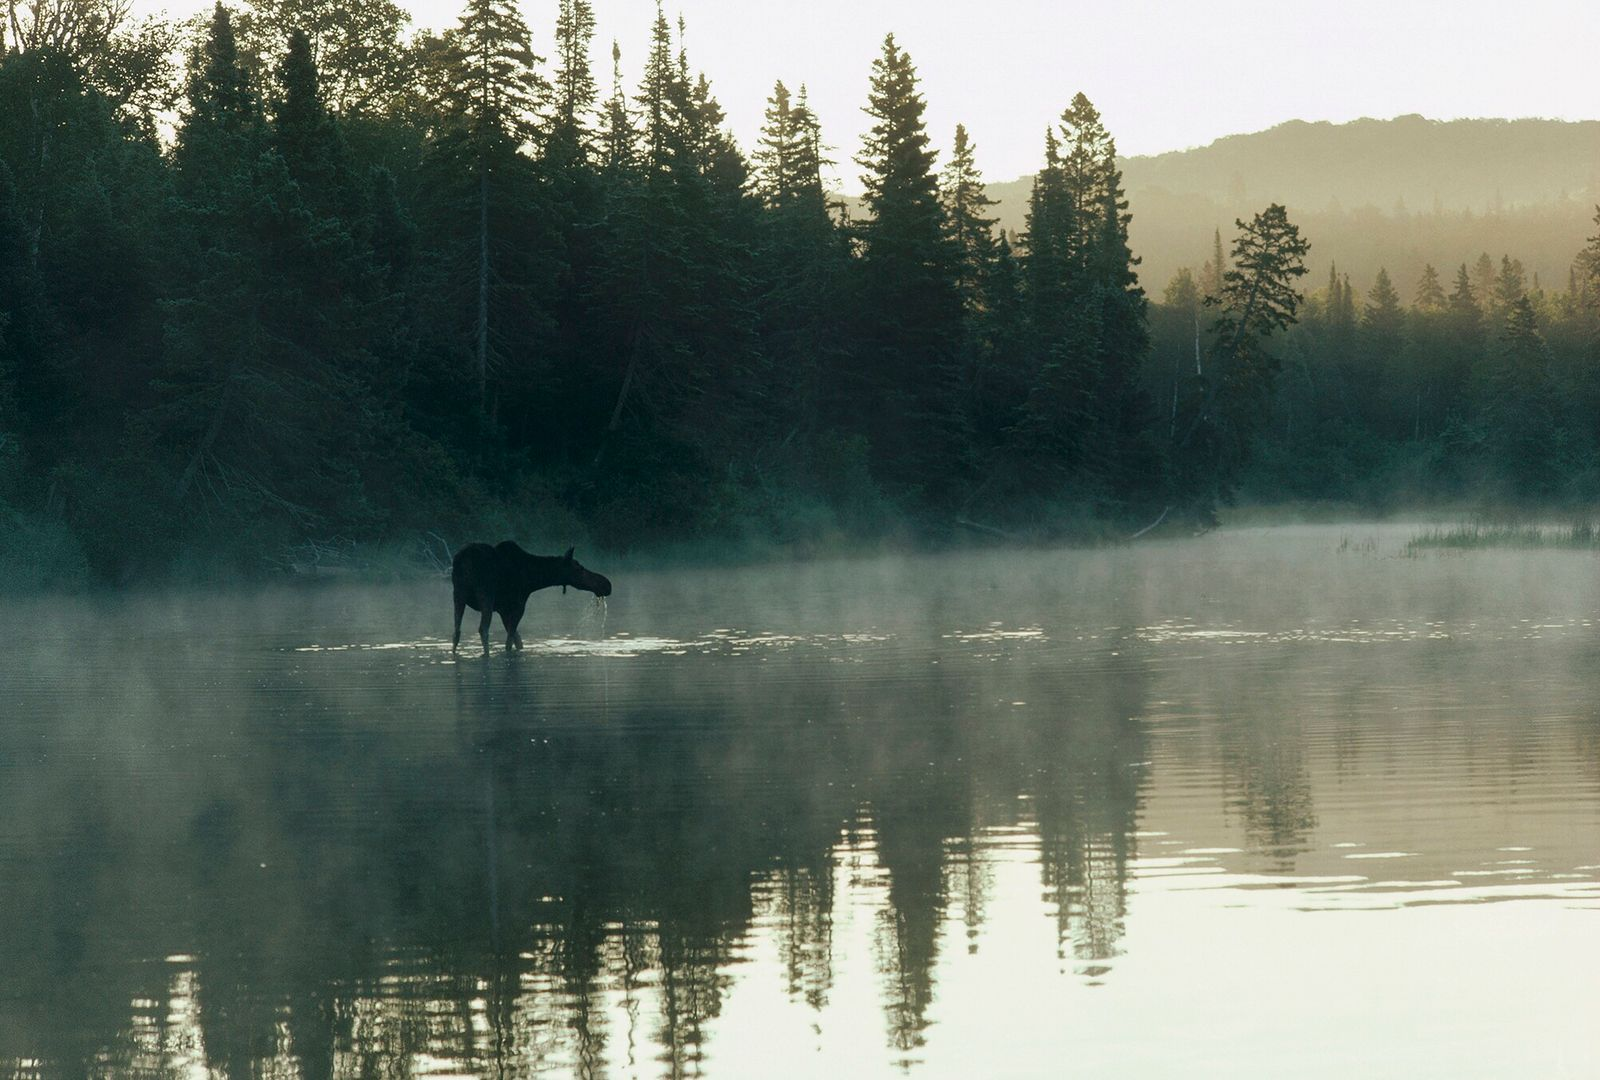 Isle Royale, Michigan | Uma fêmea de alce atravessa um lago no Parque Nacional Isle Royale, ...